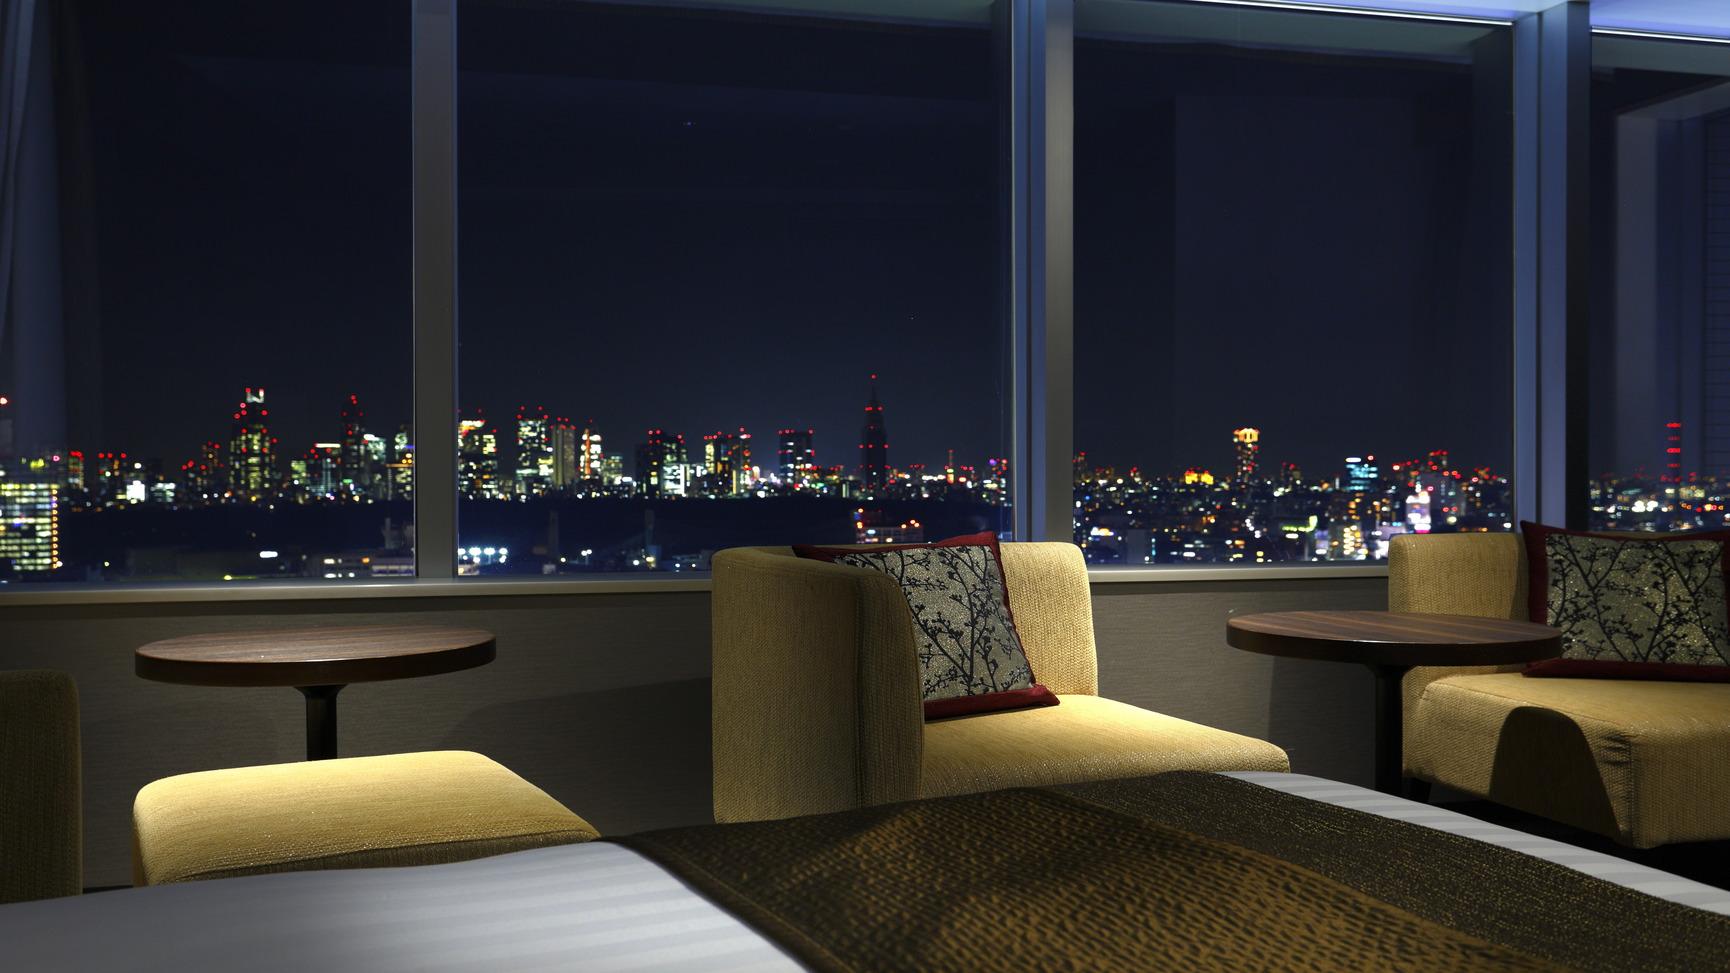 エクセルコーナーツインから新宿側の夜景を眺める